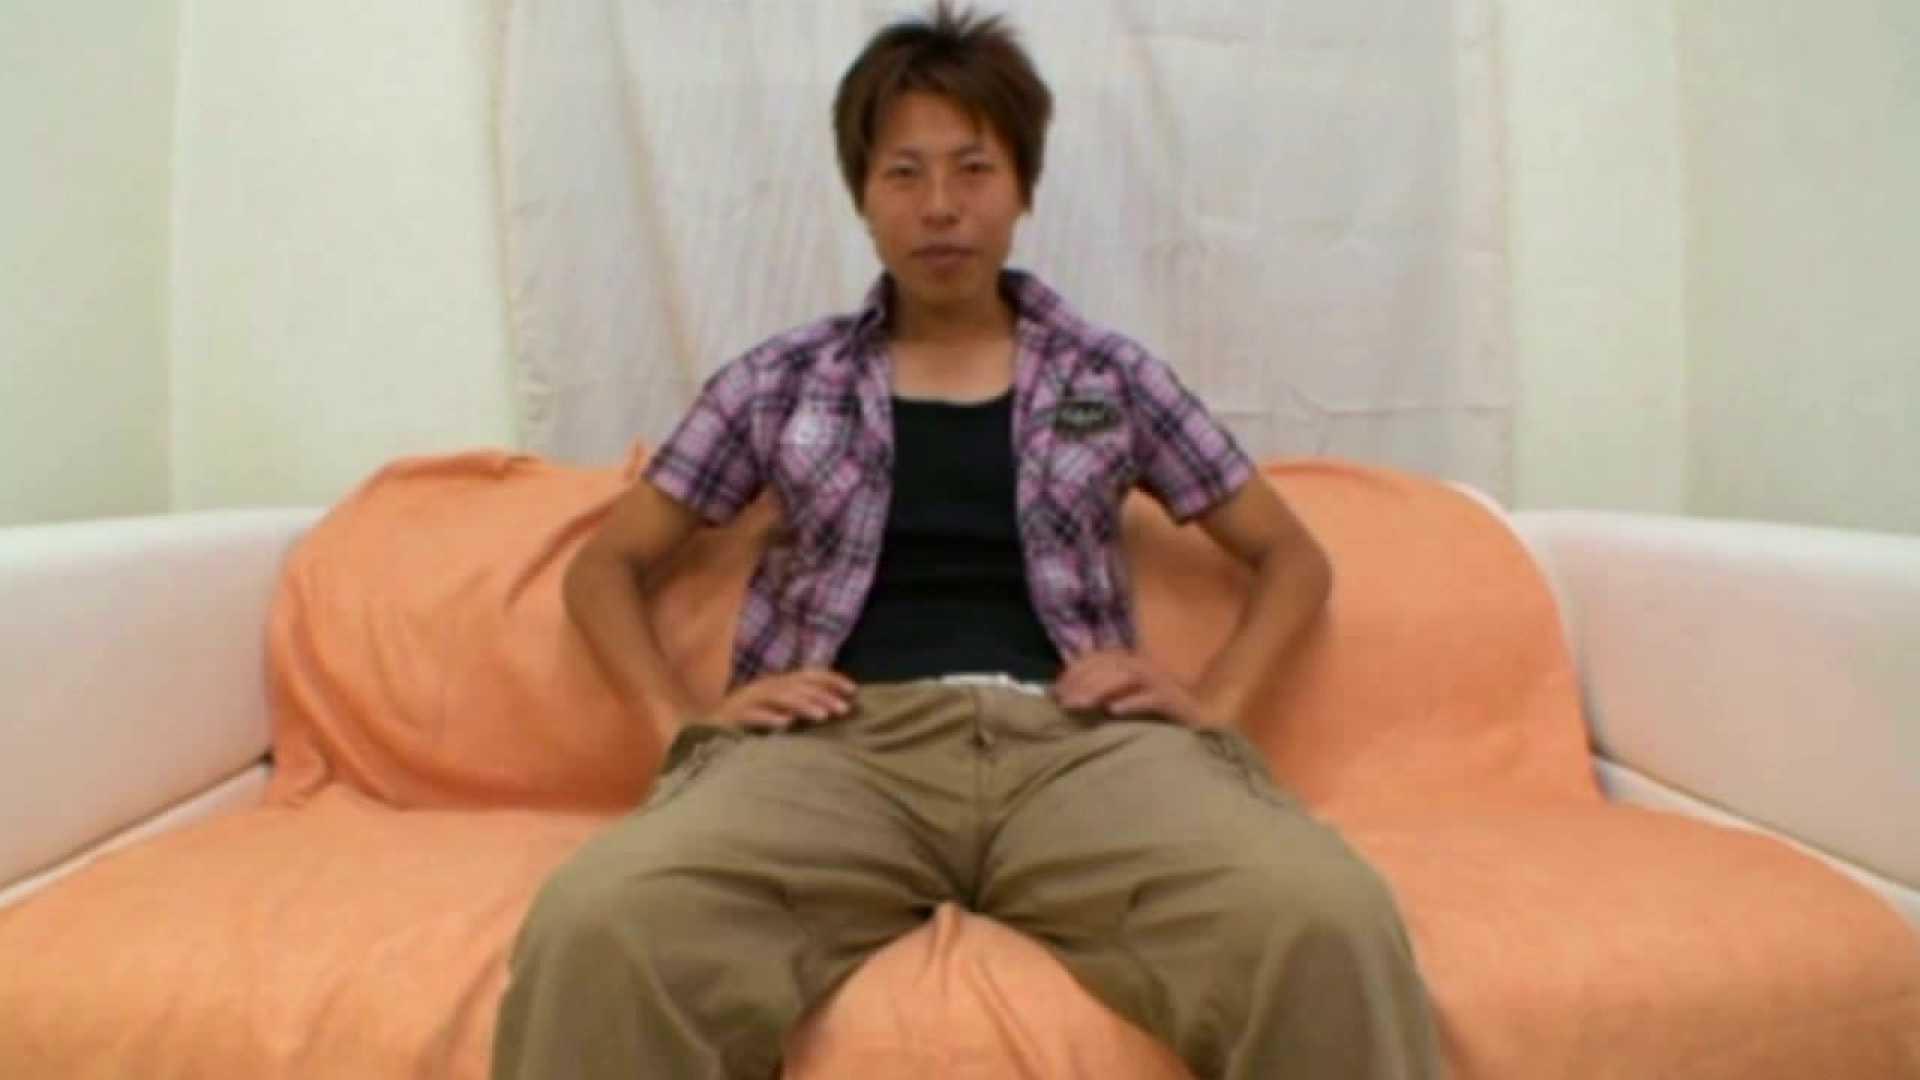 ノンケ!自慰スタジオ No.10 オナニー アダルトビデオ画像キャプチャ 113枚 96